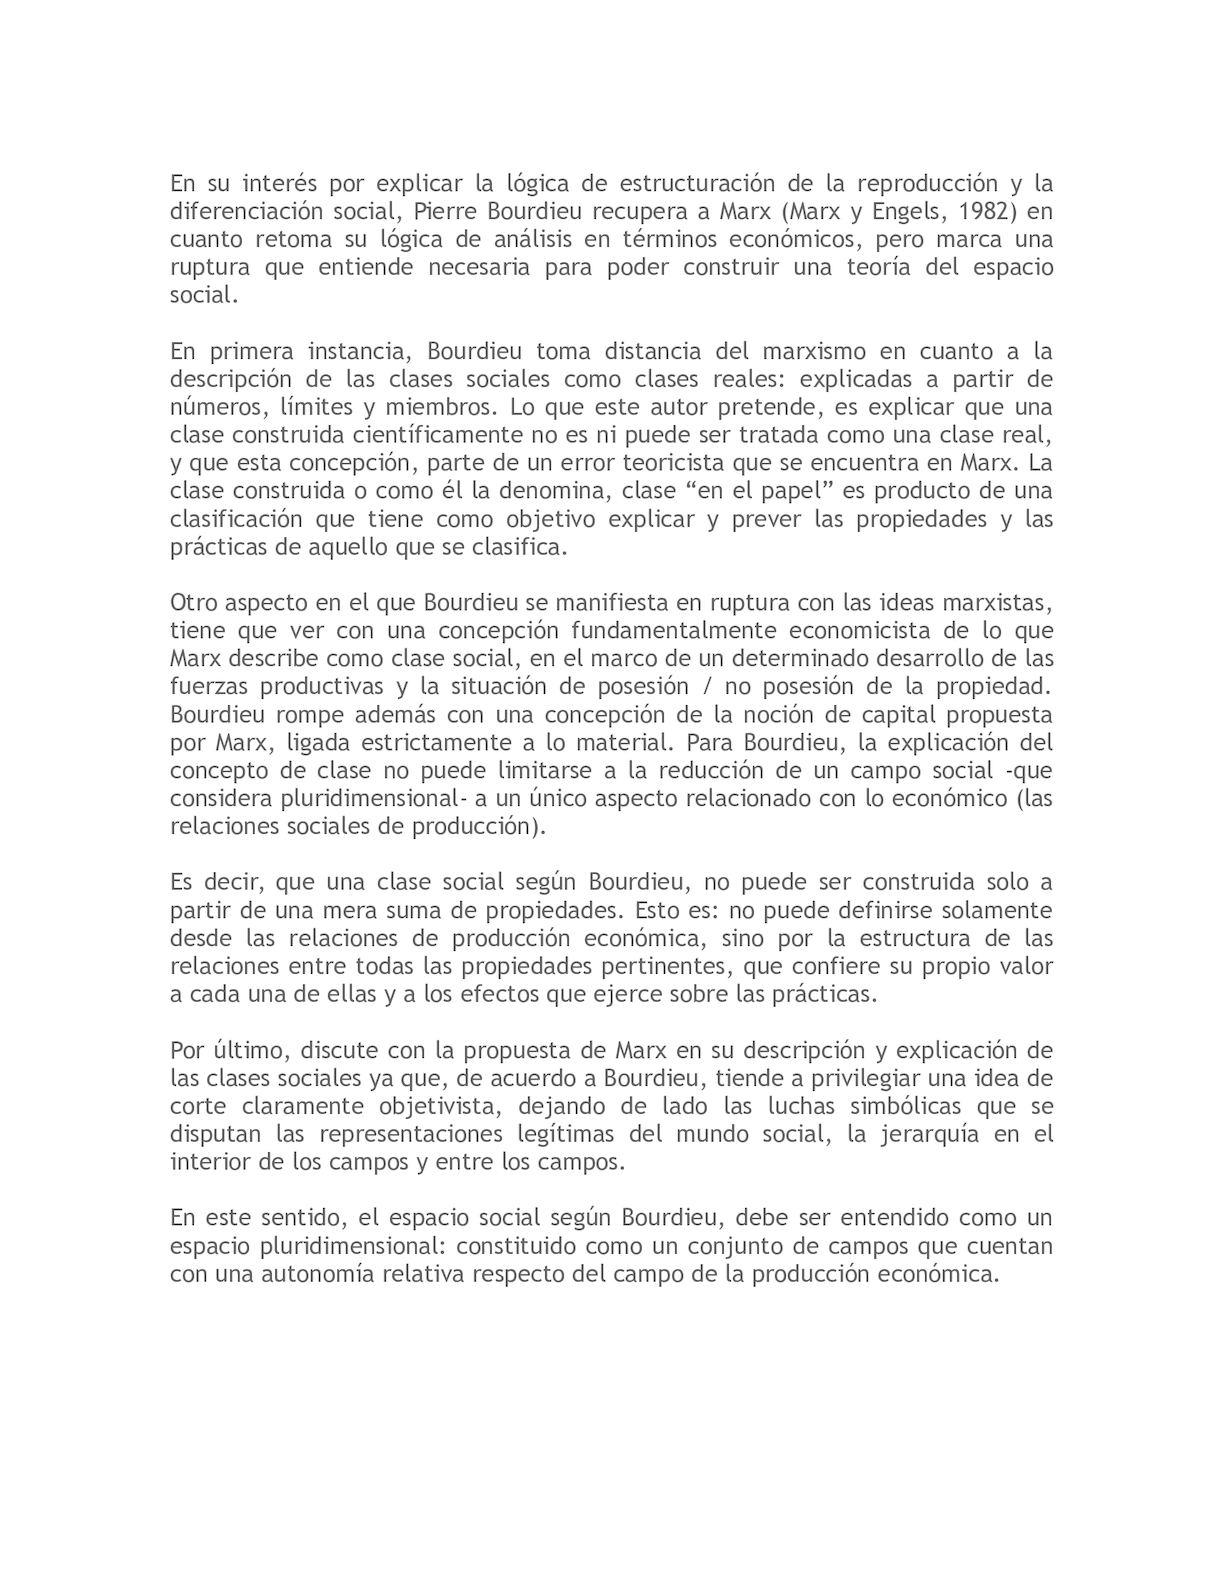 Calaméo Clases En Papel Y Clases Sociales